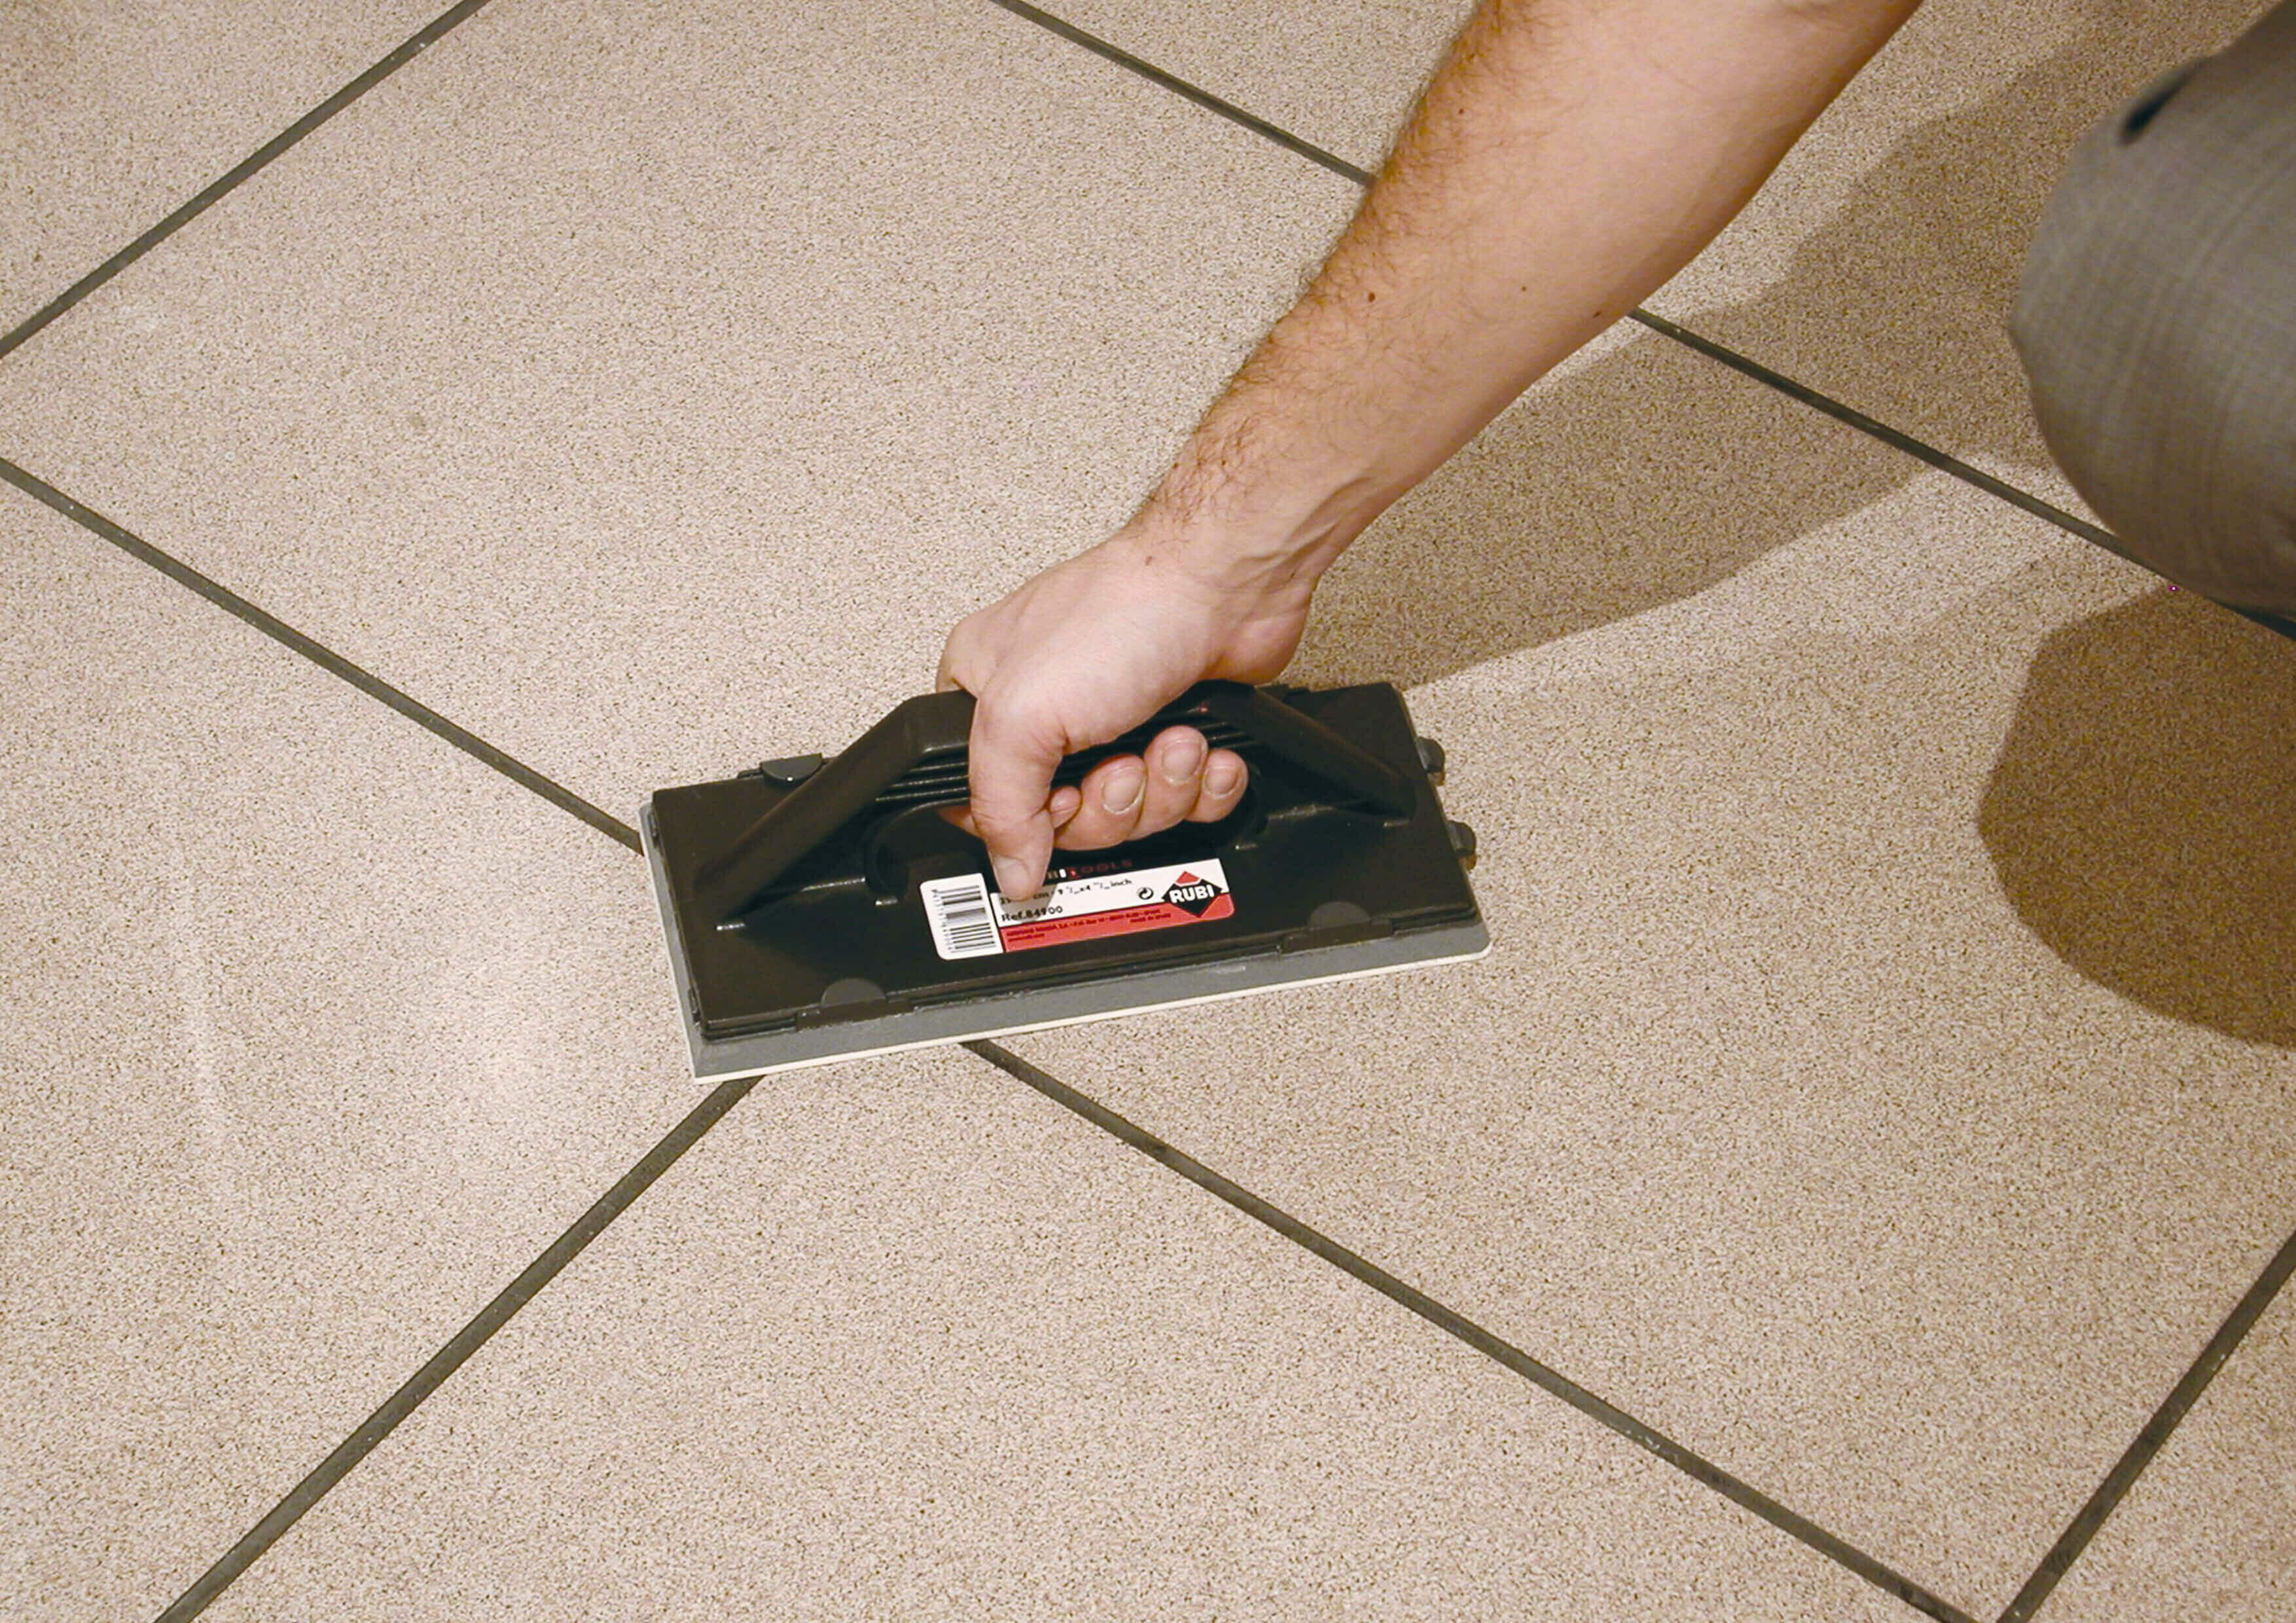 Spaan voor tegels voegen met een ´ruitenwissereffect´ om minder voegsel op de tegel achter te laten.